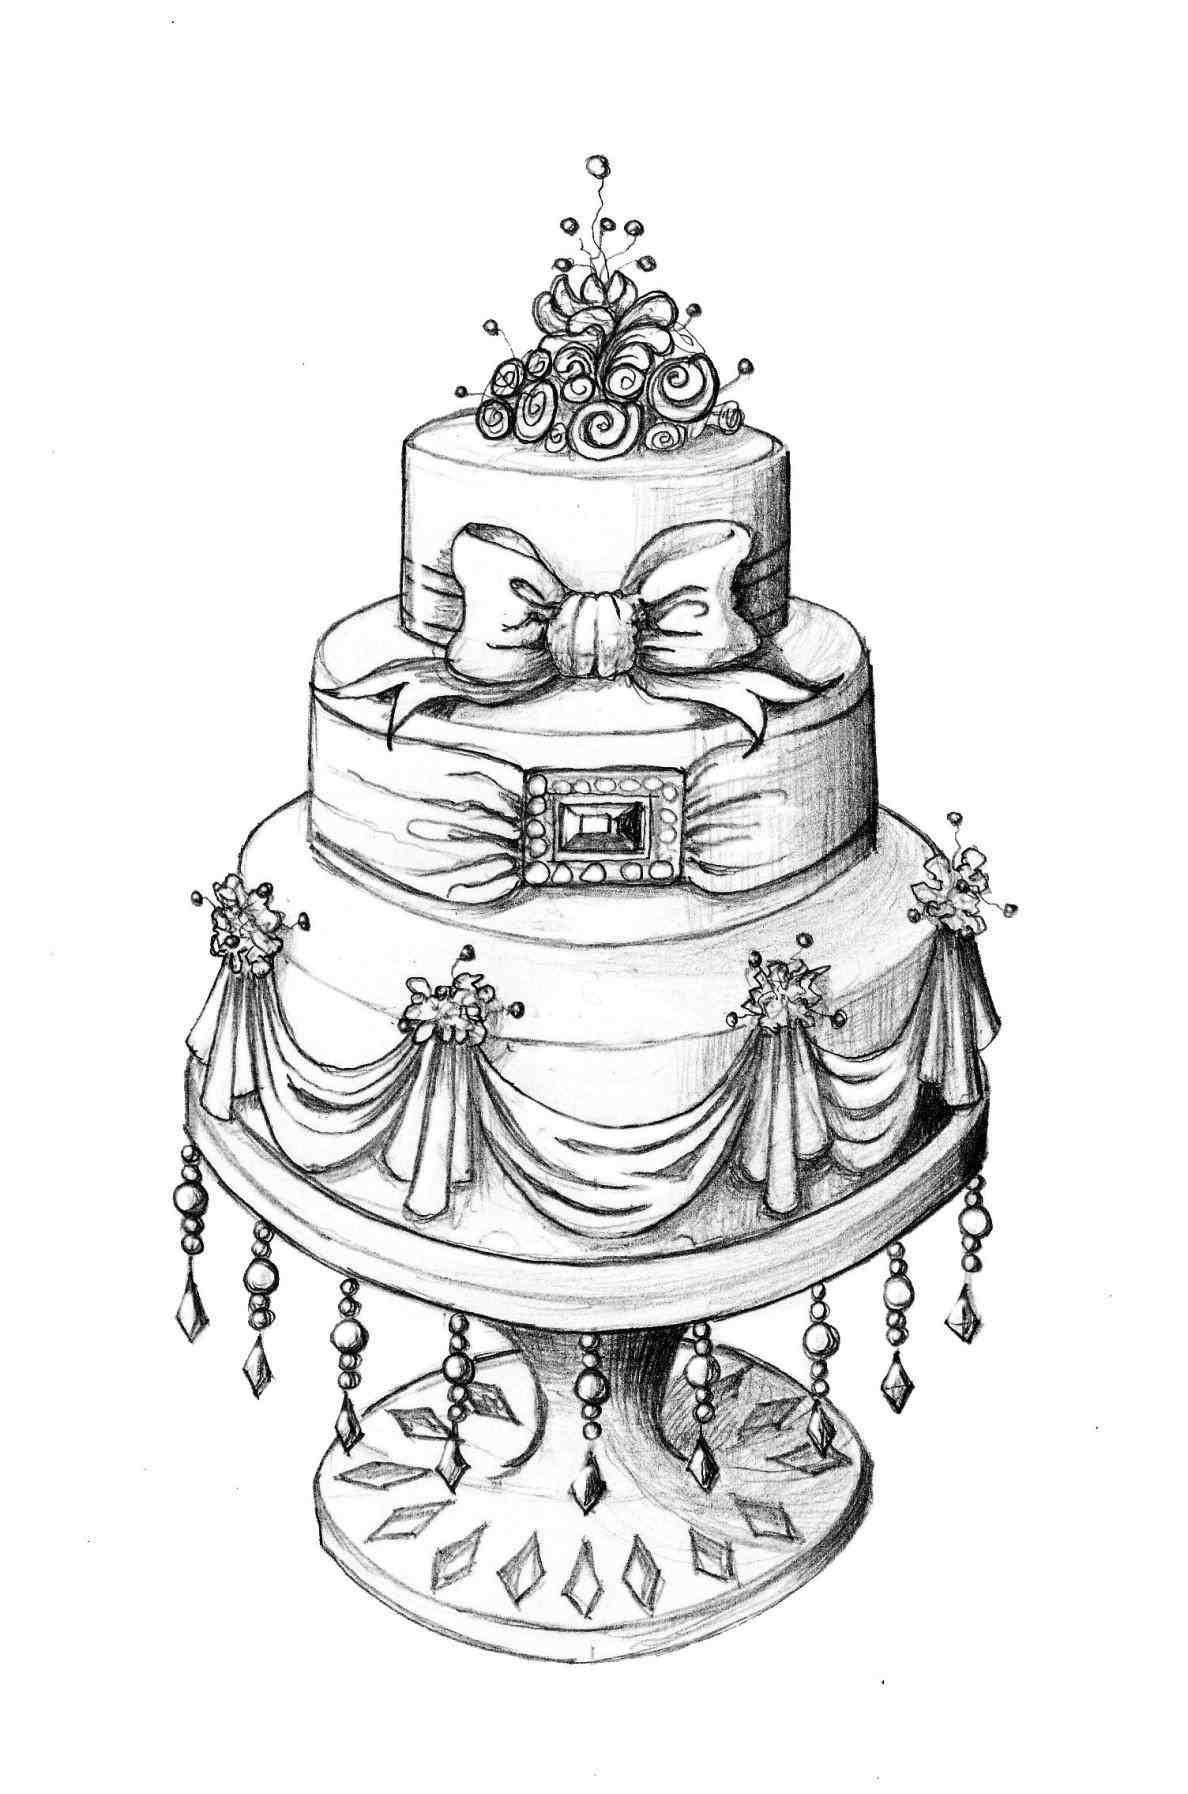 Cake sketch, Cake drawing, Cake illustration, Cupcake